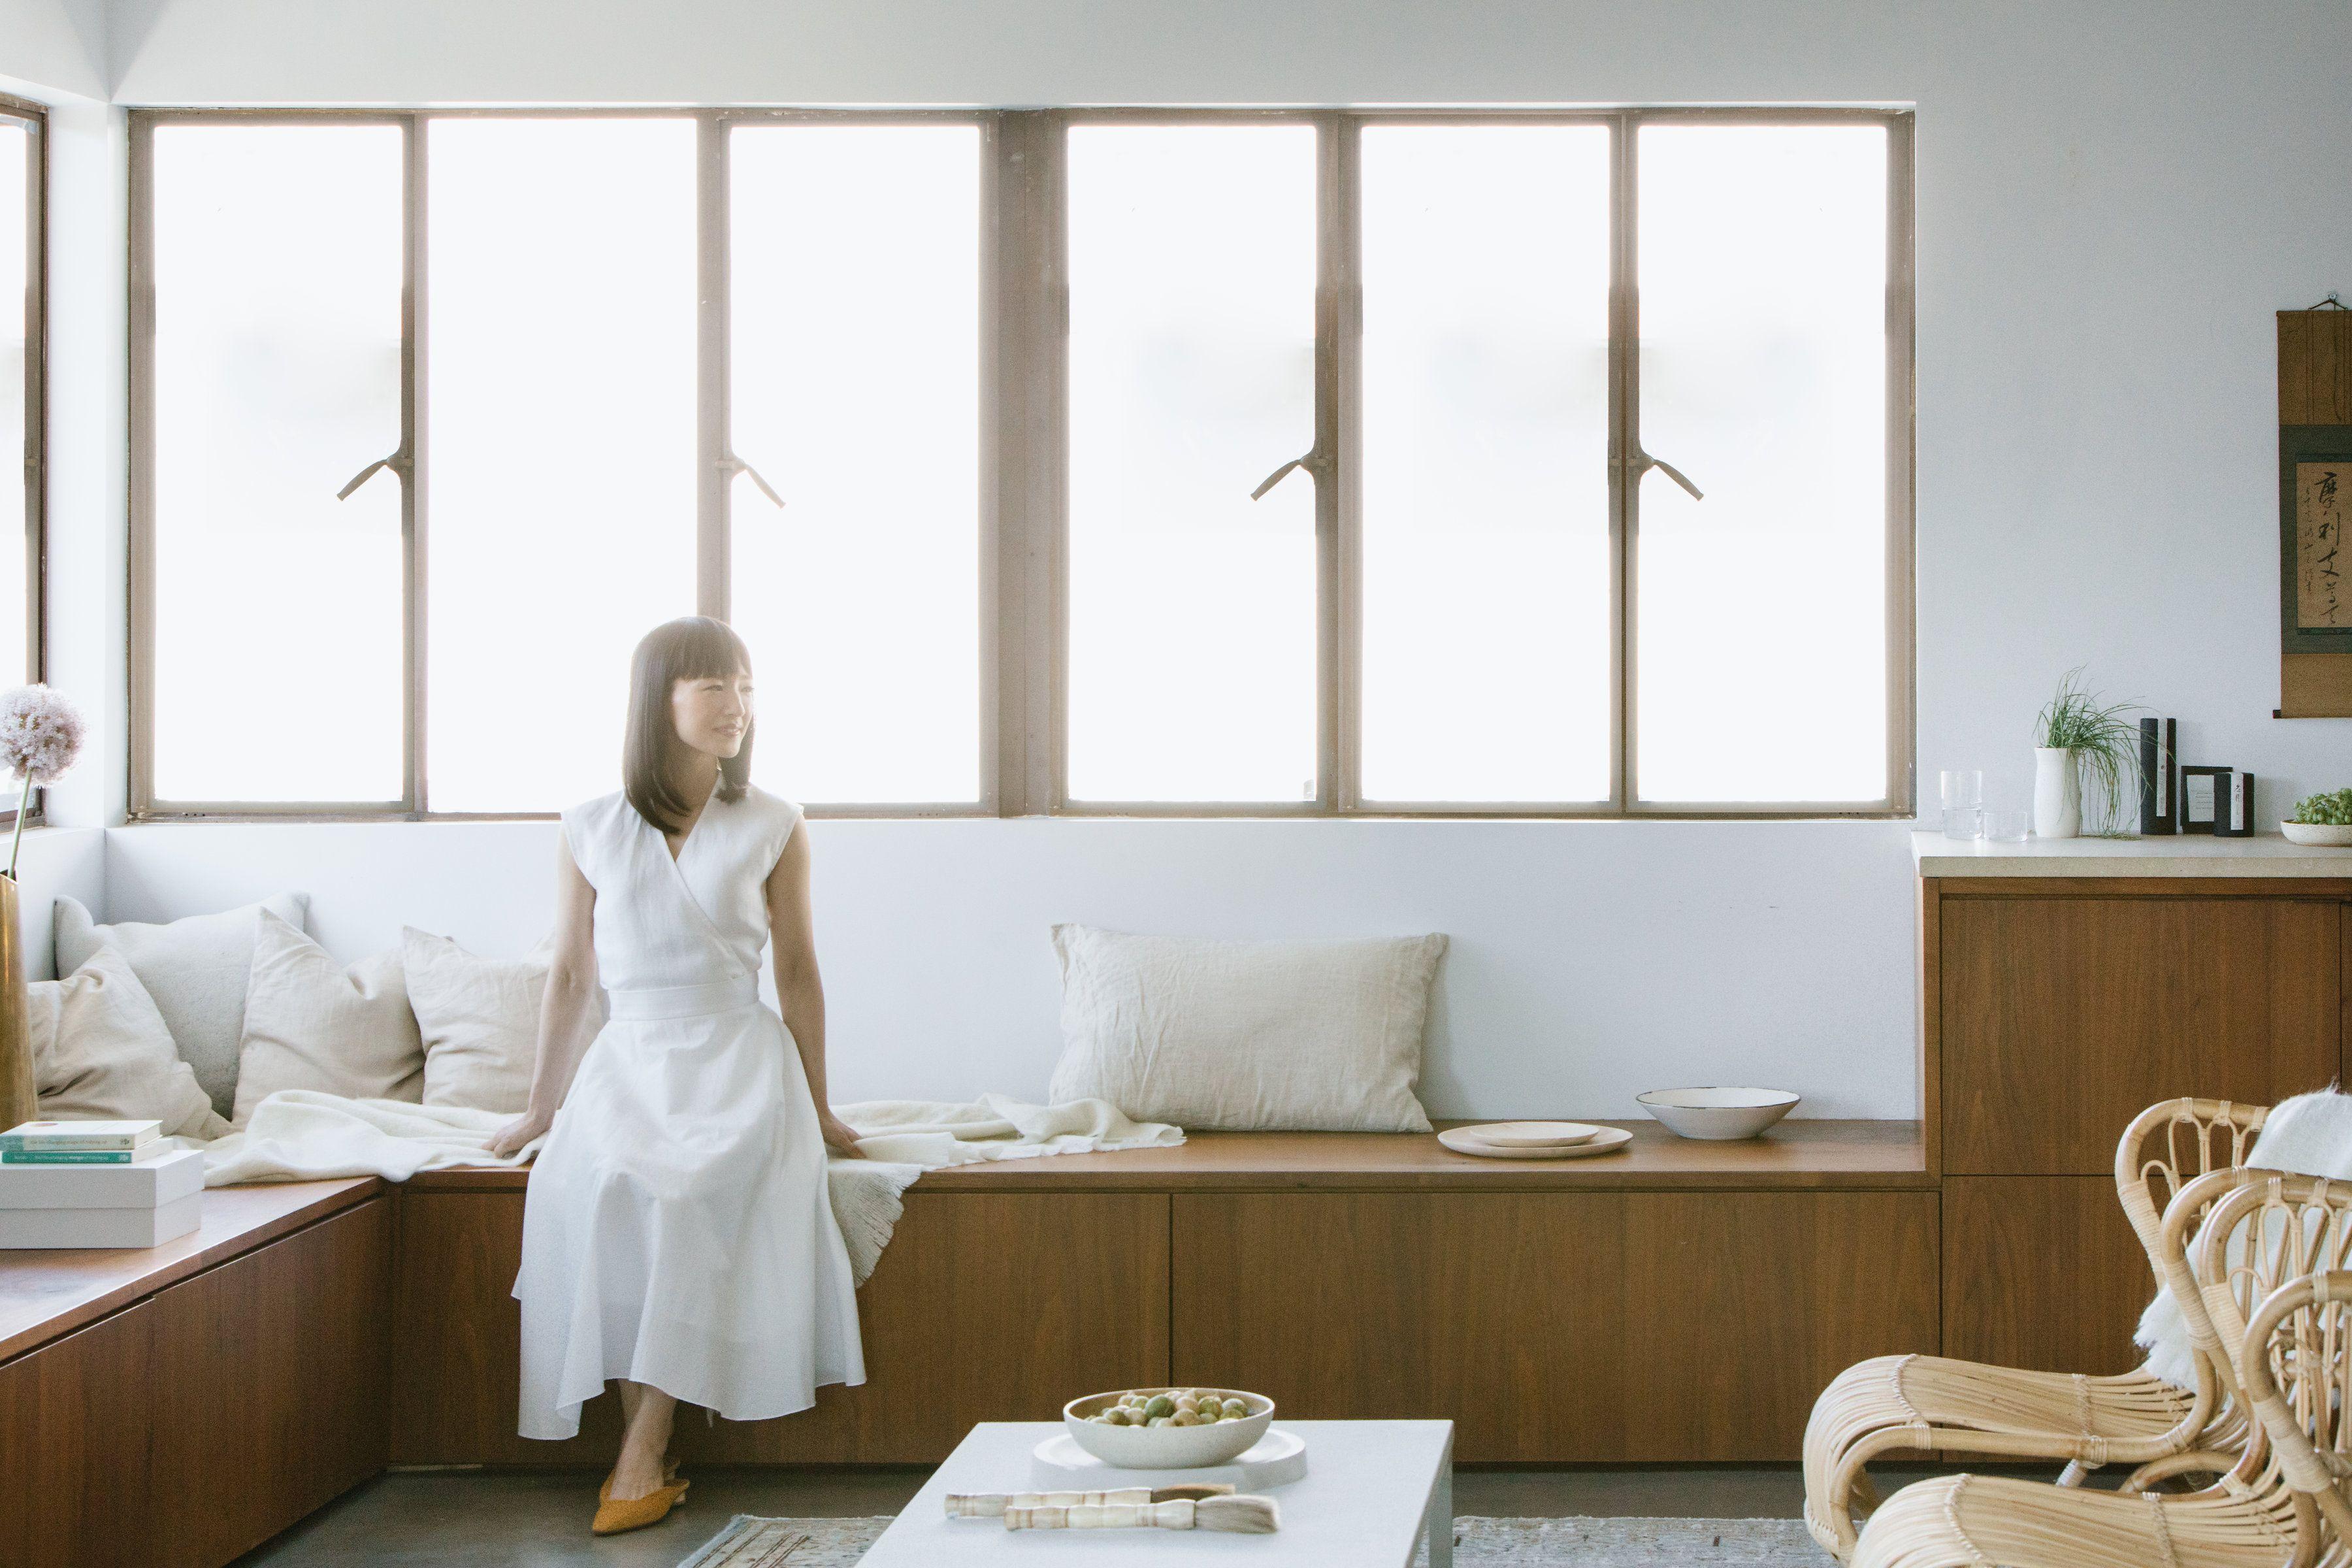 Finito con decluttering e riordino, Marie Kondo è pronta a riempire di nuovo gli armadi (con i suoi oggetti per la casa)